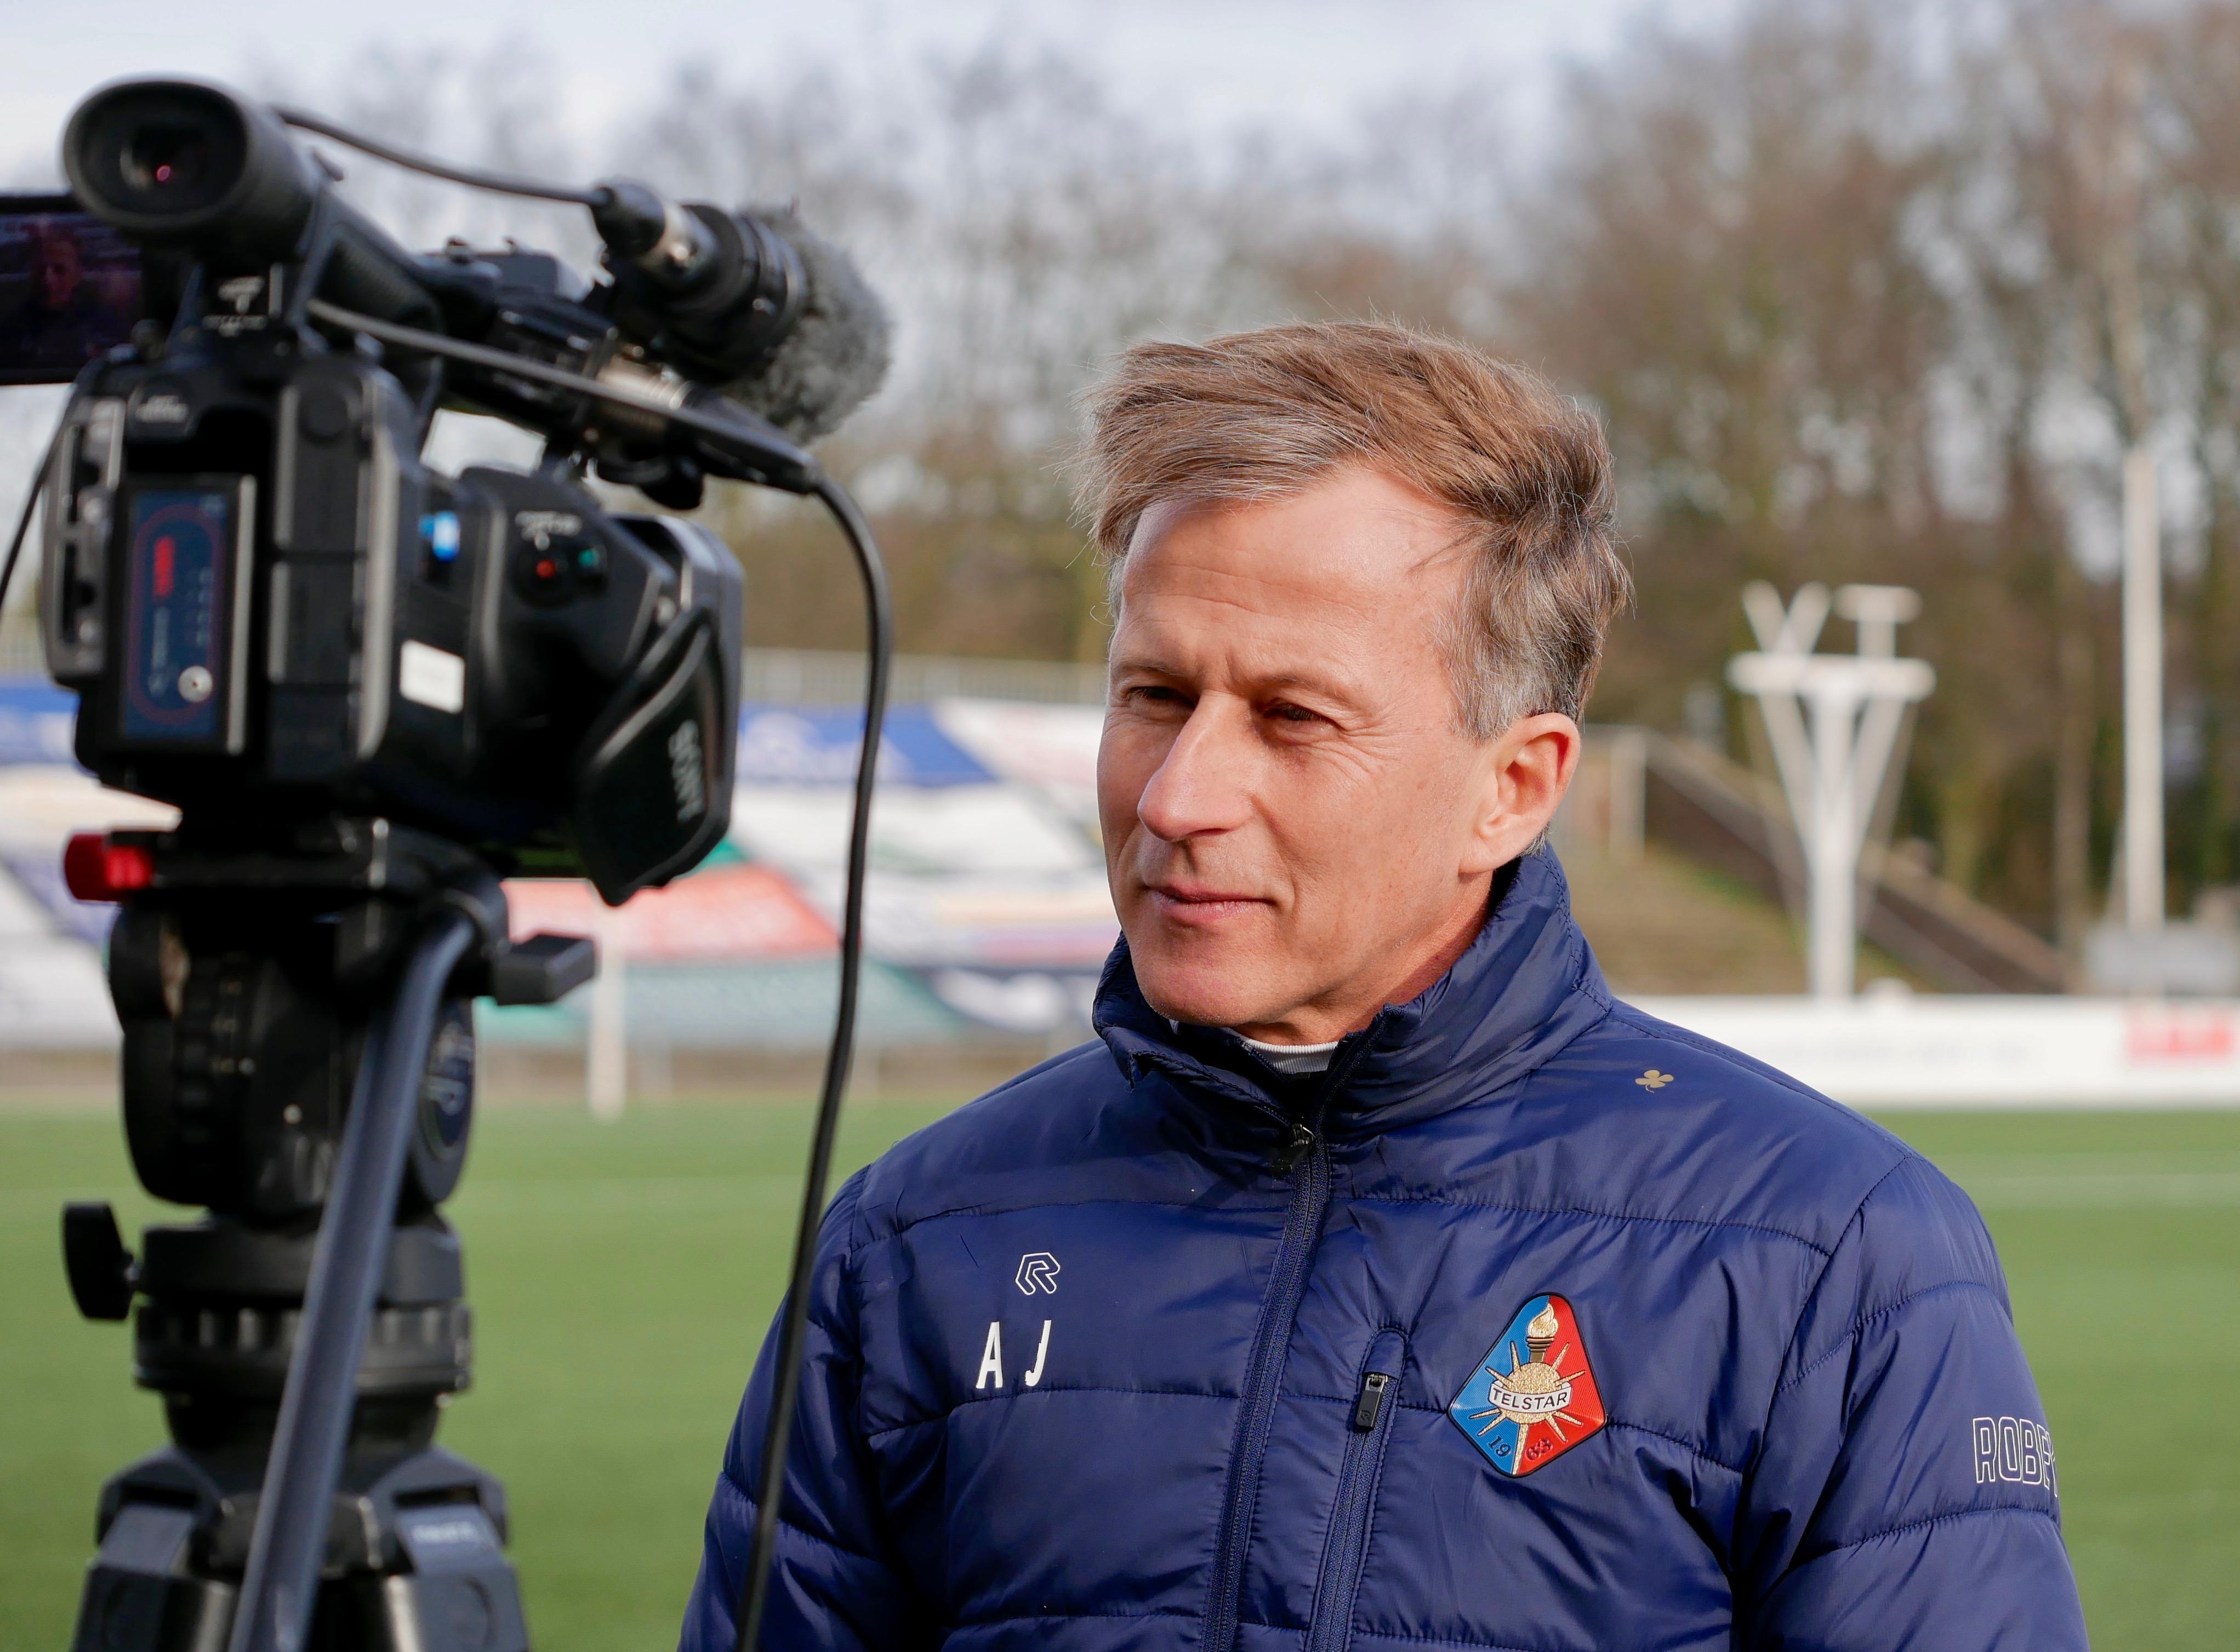 Voetbaltrainer Andries Jonker (Telstar) past lessen uit 2000 toe, toen hij bij FC Volendam uitbraak tuberculose meemaakte